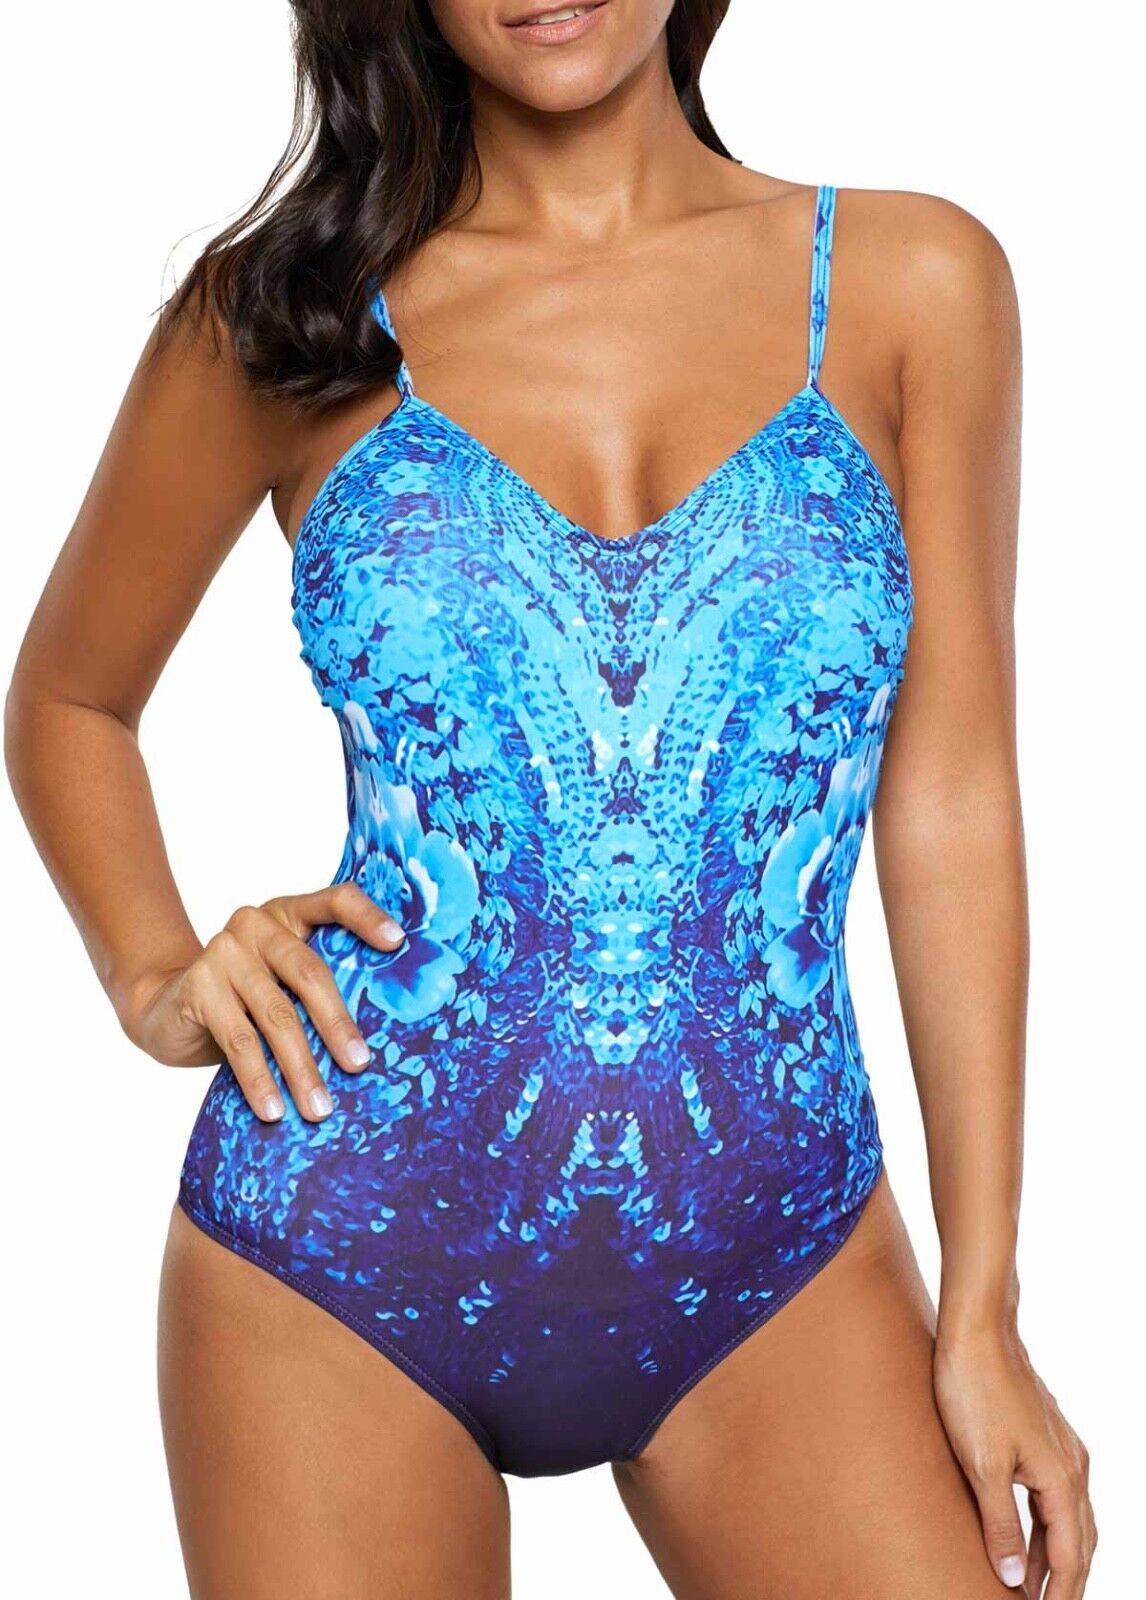 WOMEN CLOTHING SWIMWEAR SWIMSUIT NEW LG   XL MULTI blueE